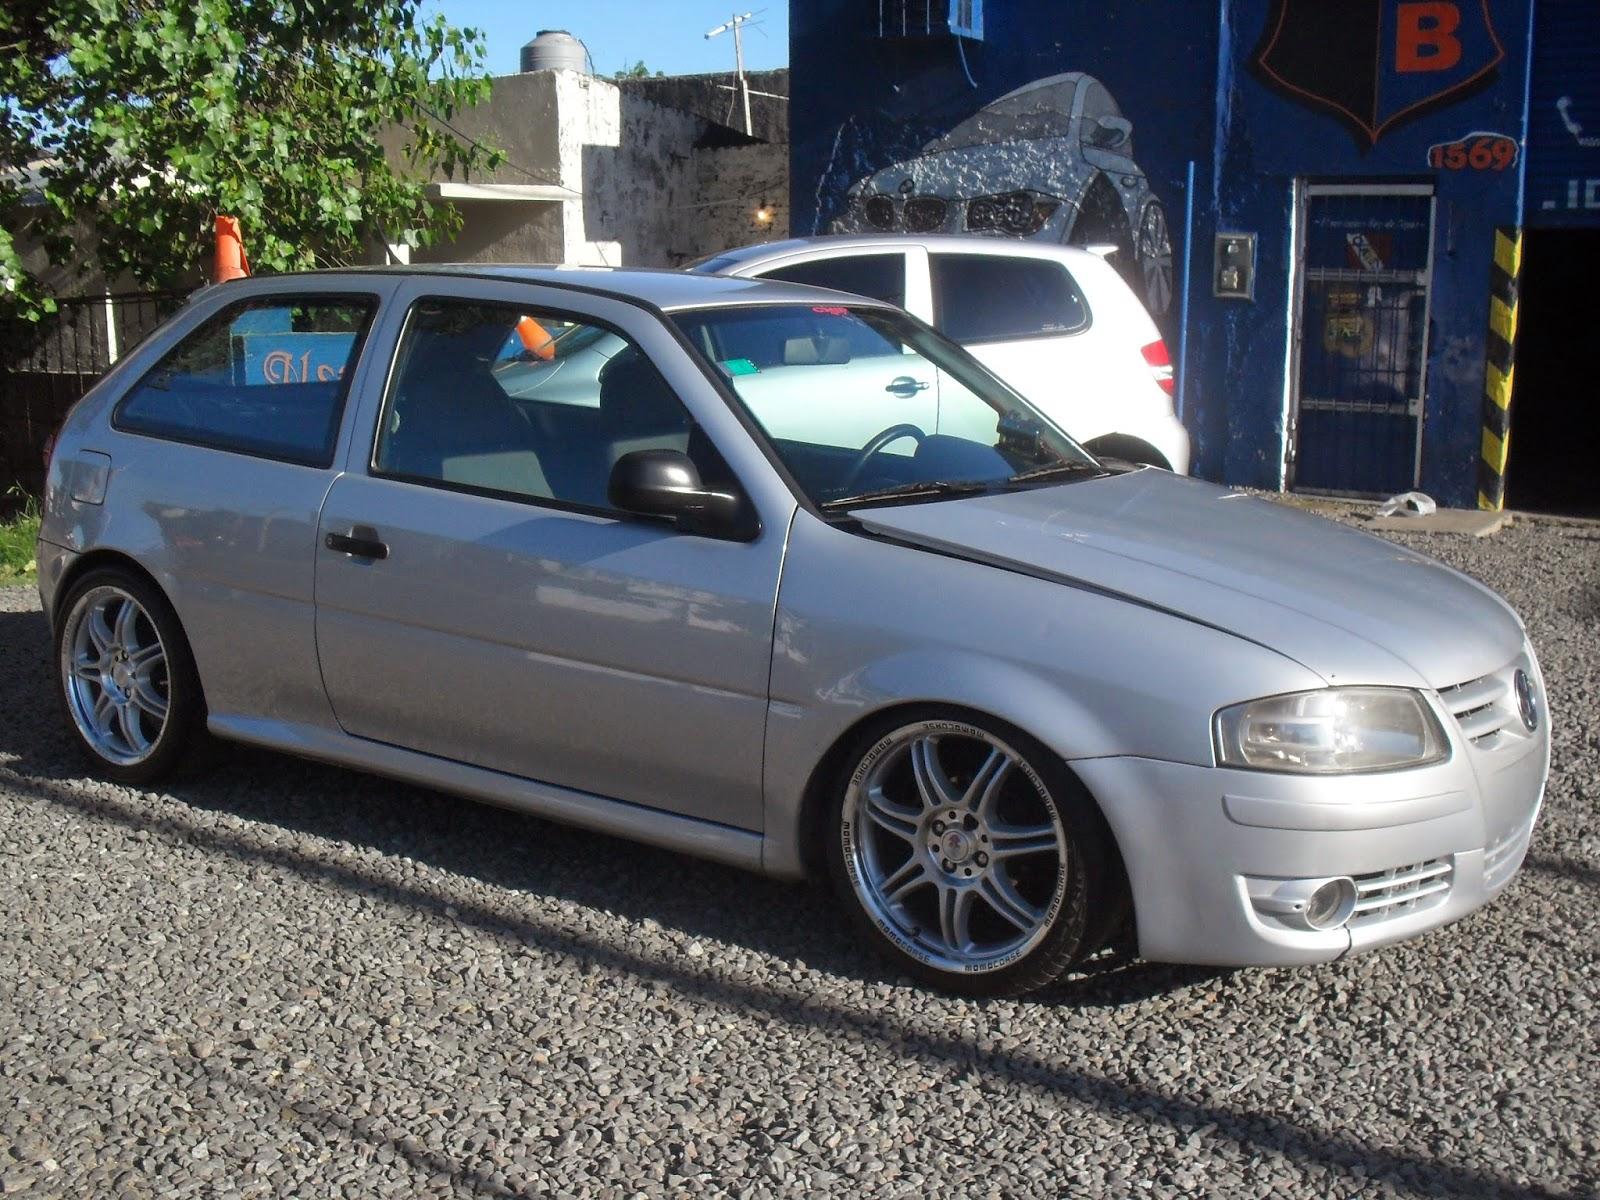 Automotores Beraldi Vw Gol Enfierrado 2006